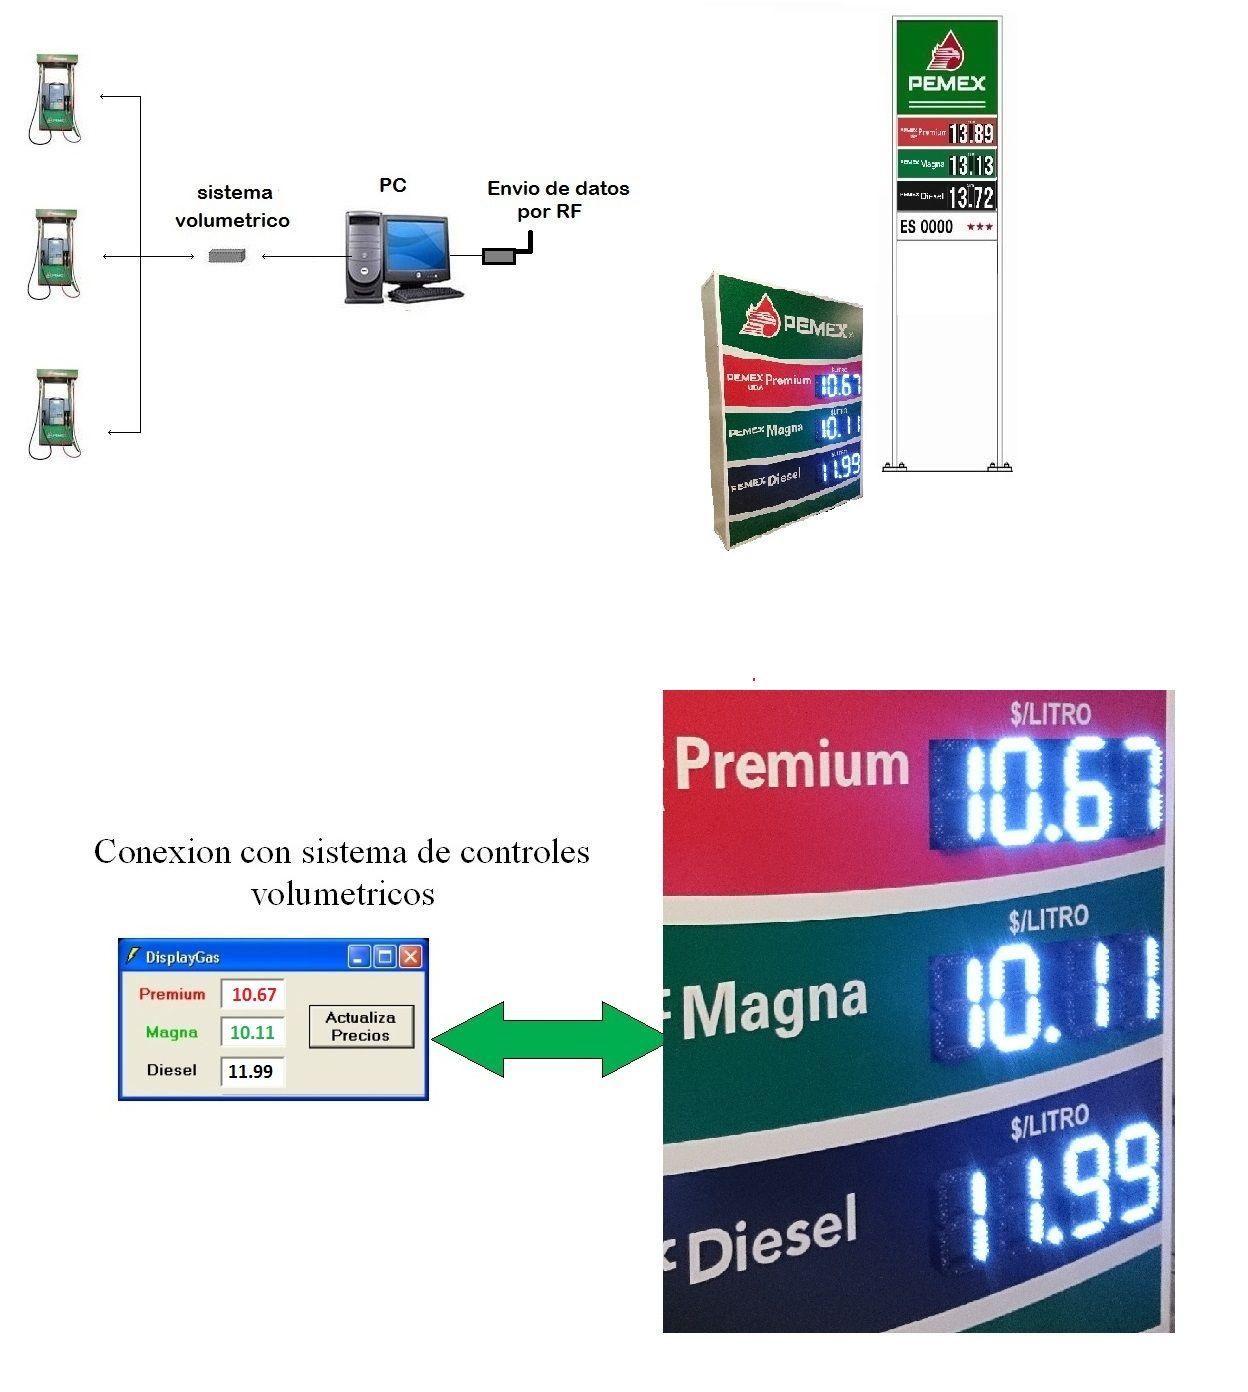 Display gas pantallas electronicas tableros led de precios - Precio de tableros ...